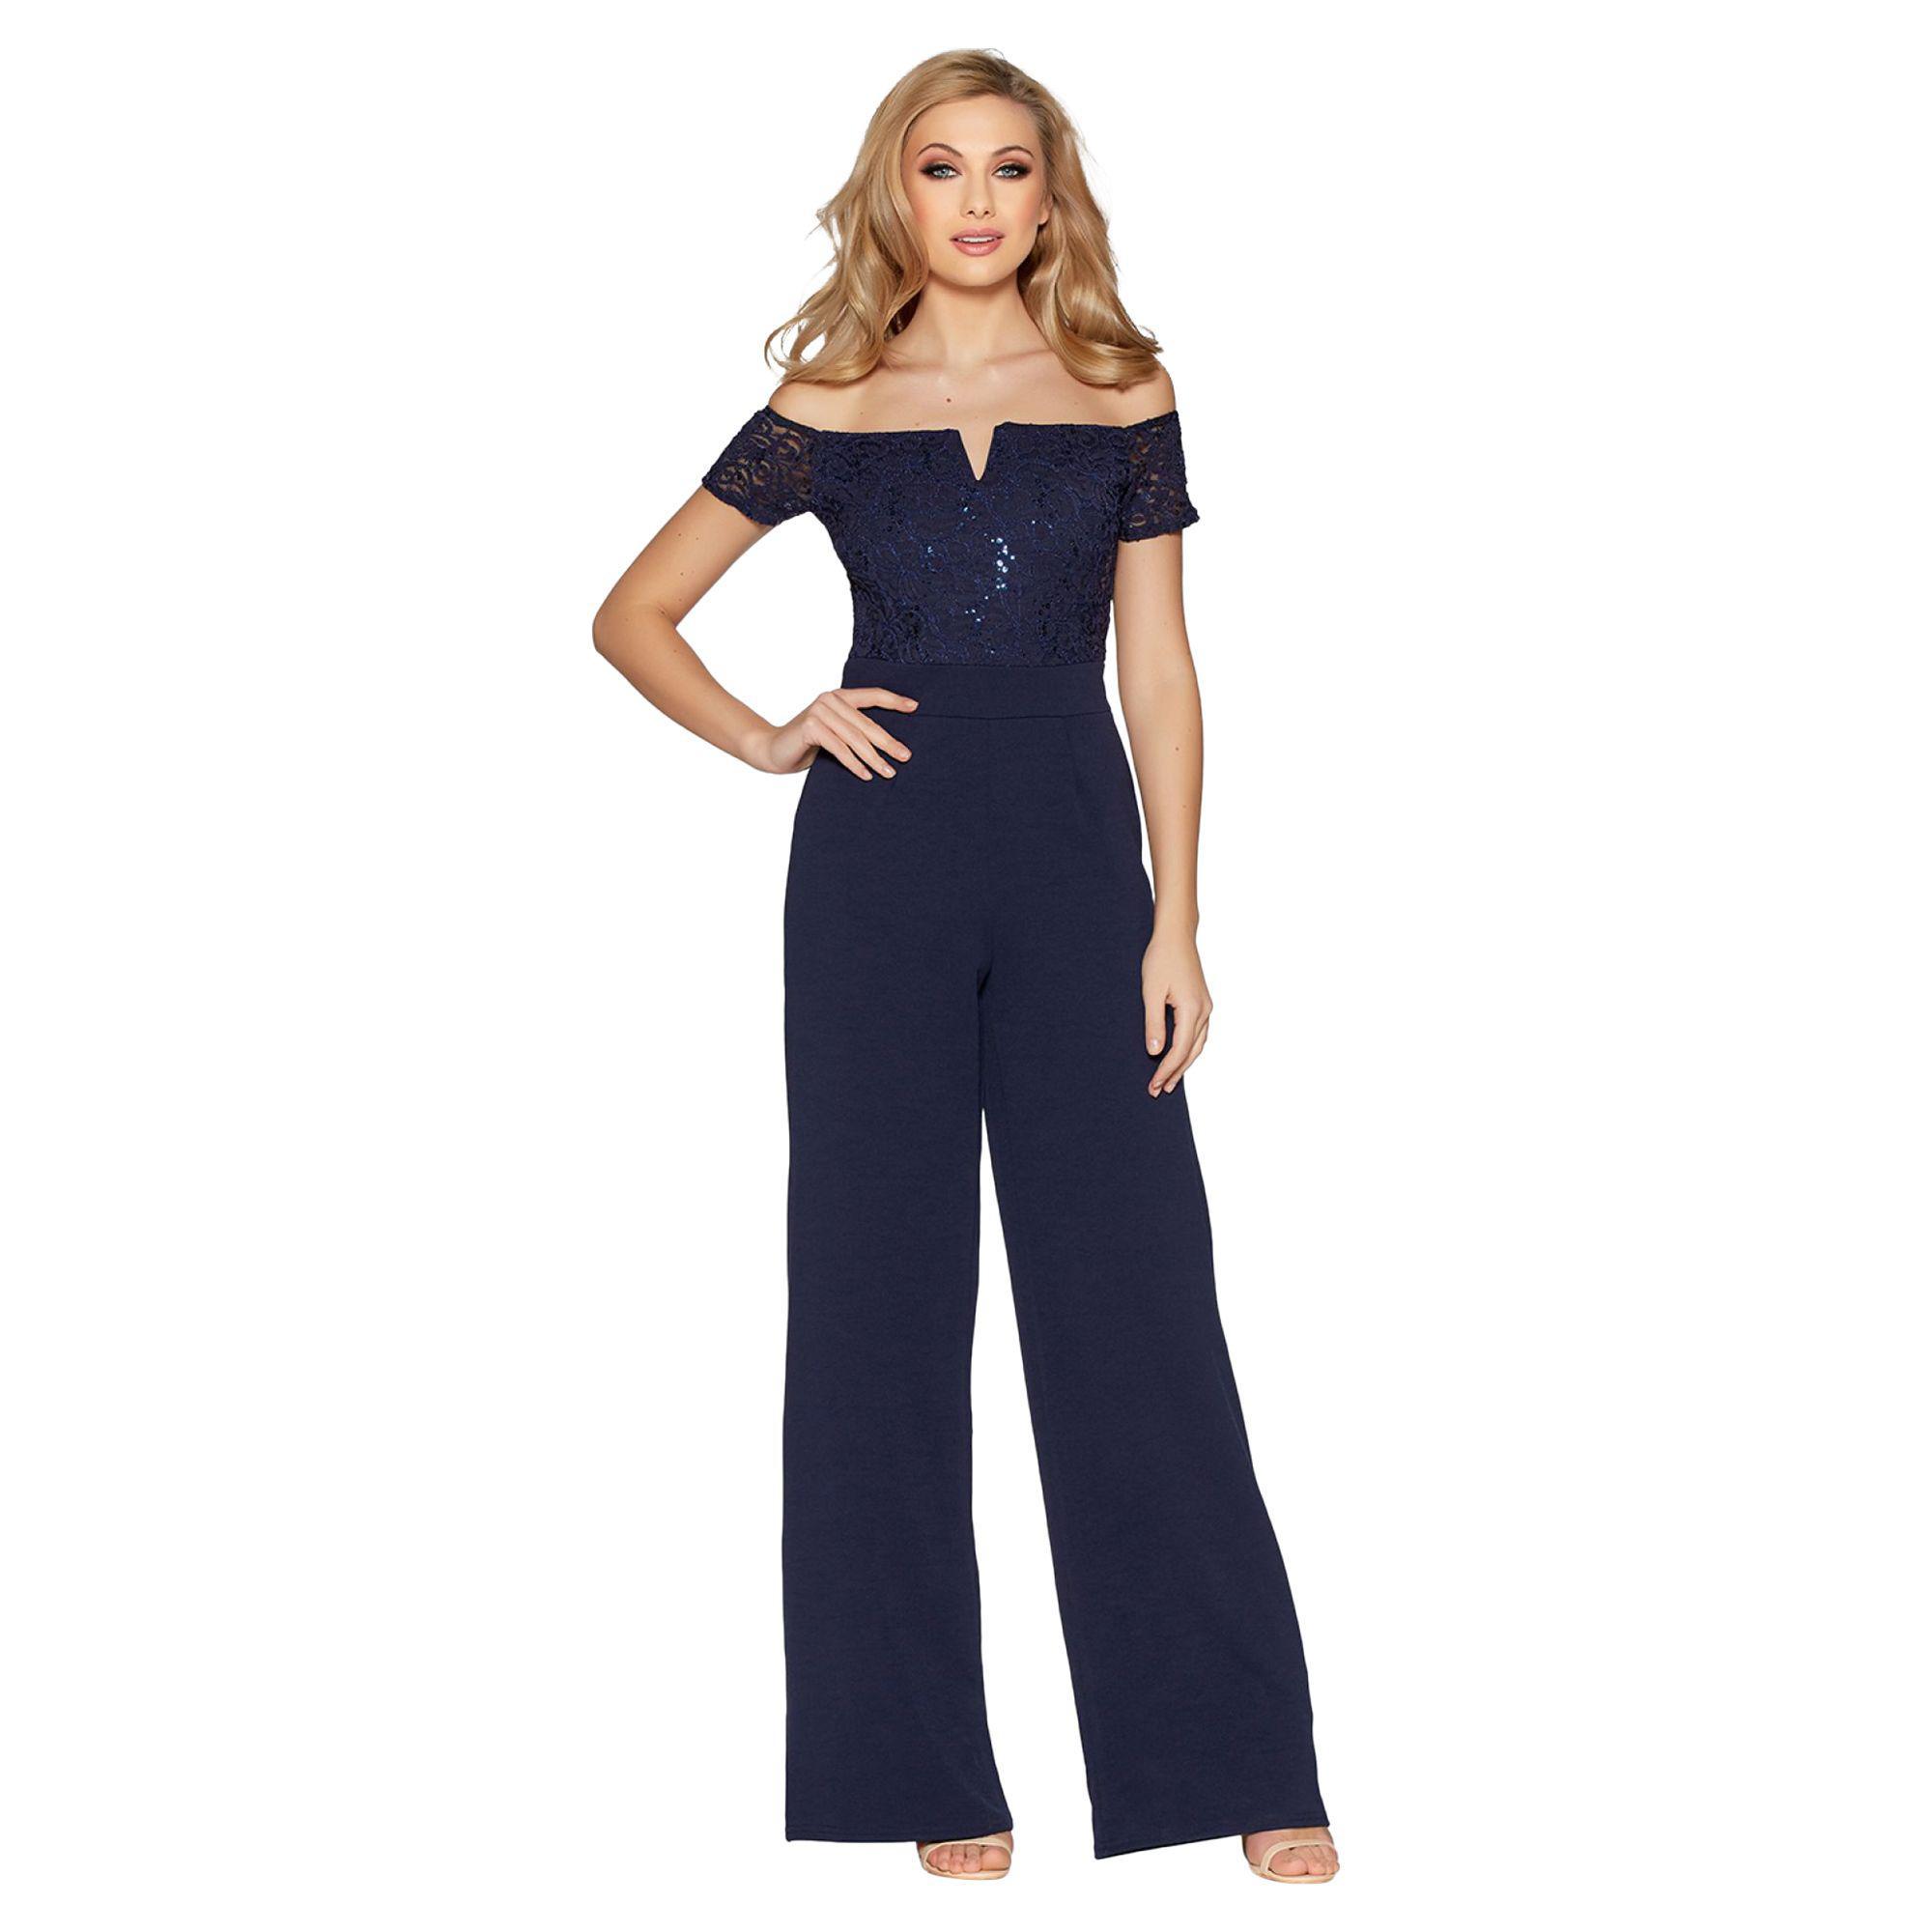 b611a81d2d26 Quiz Navy Sequin Lace Bardot Jumpsuit in Blue - Lyst